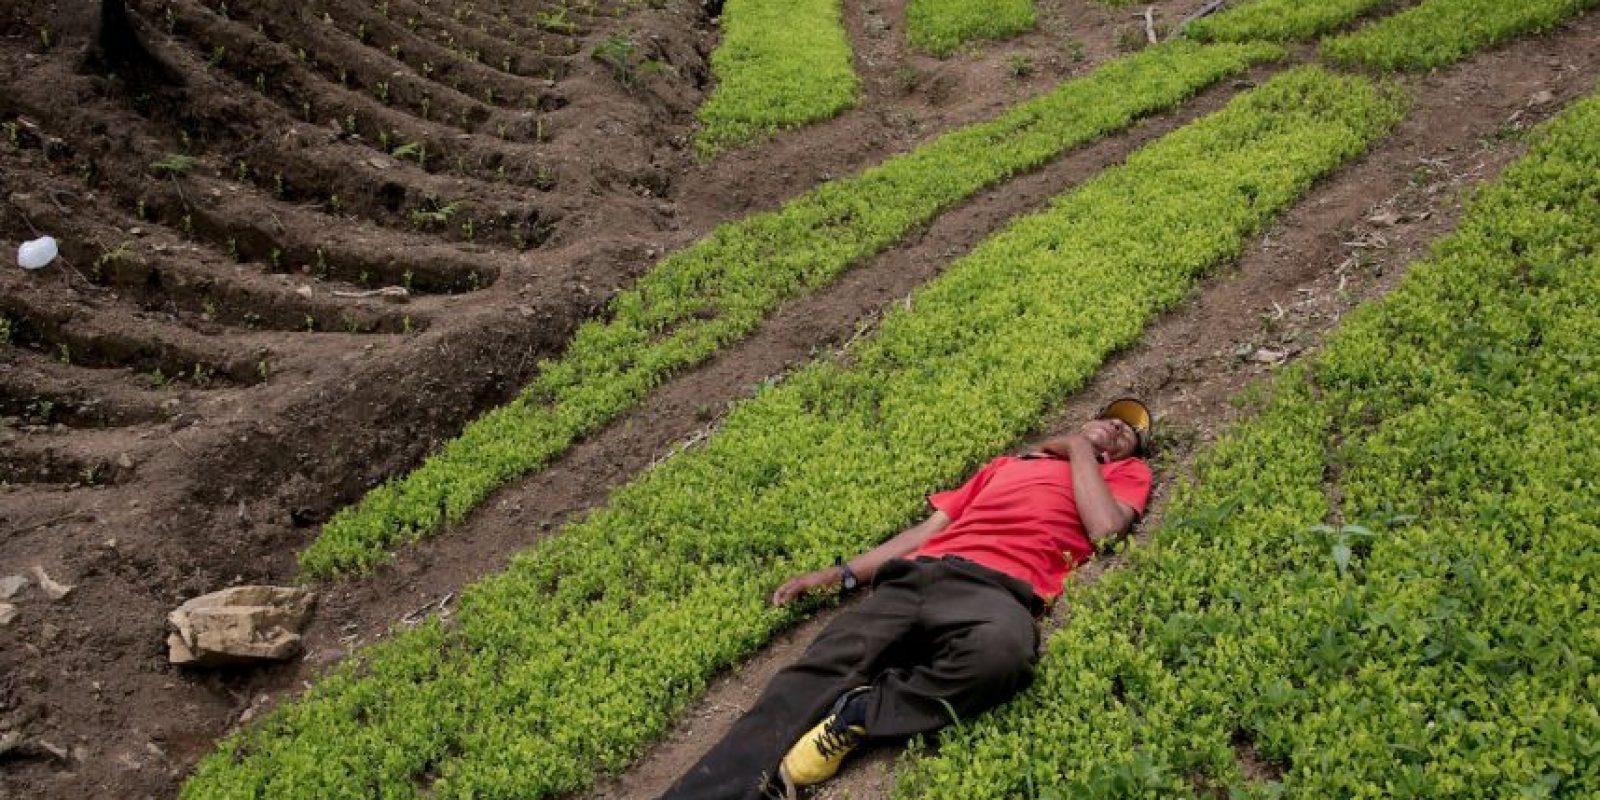 En esta fotografía tomada el 13 de marzo de 2015, Alfredo Mosco, un cultivador de coca de 44 años, se había despachado una botella de licor de caña hacía el mediodía, y duerme en su plantación de coca, en La Mar, provincia de Ayacucho, Perú. Mosco es un pequeño productor de coca, que emplea a los jóvenes aldeanos. Foto:AP Foto/Rodrigo Abd